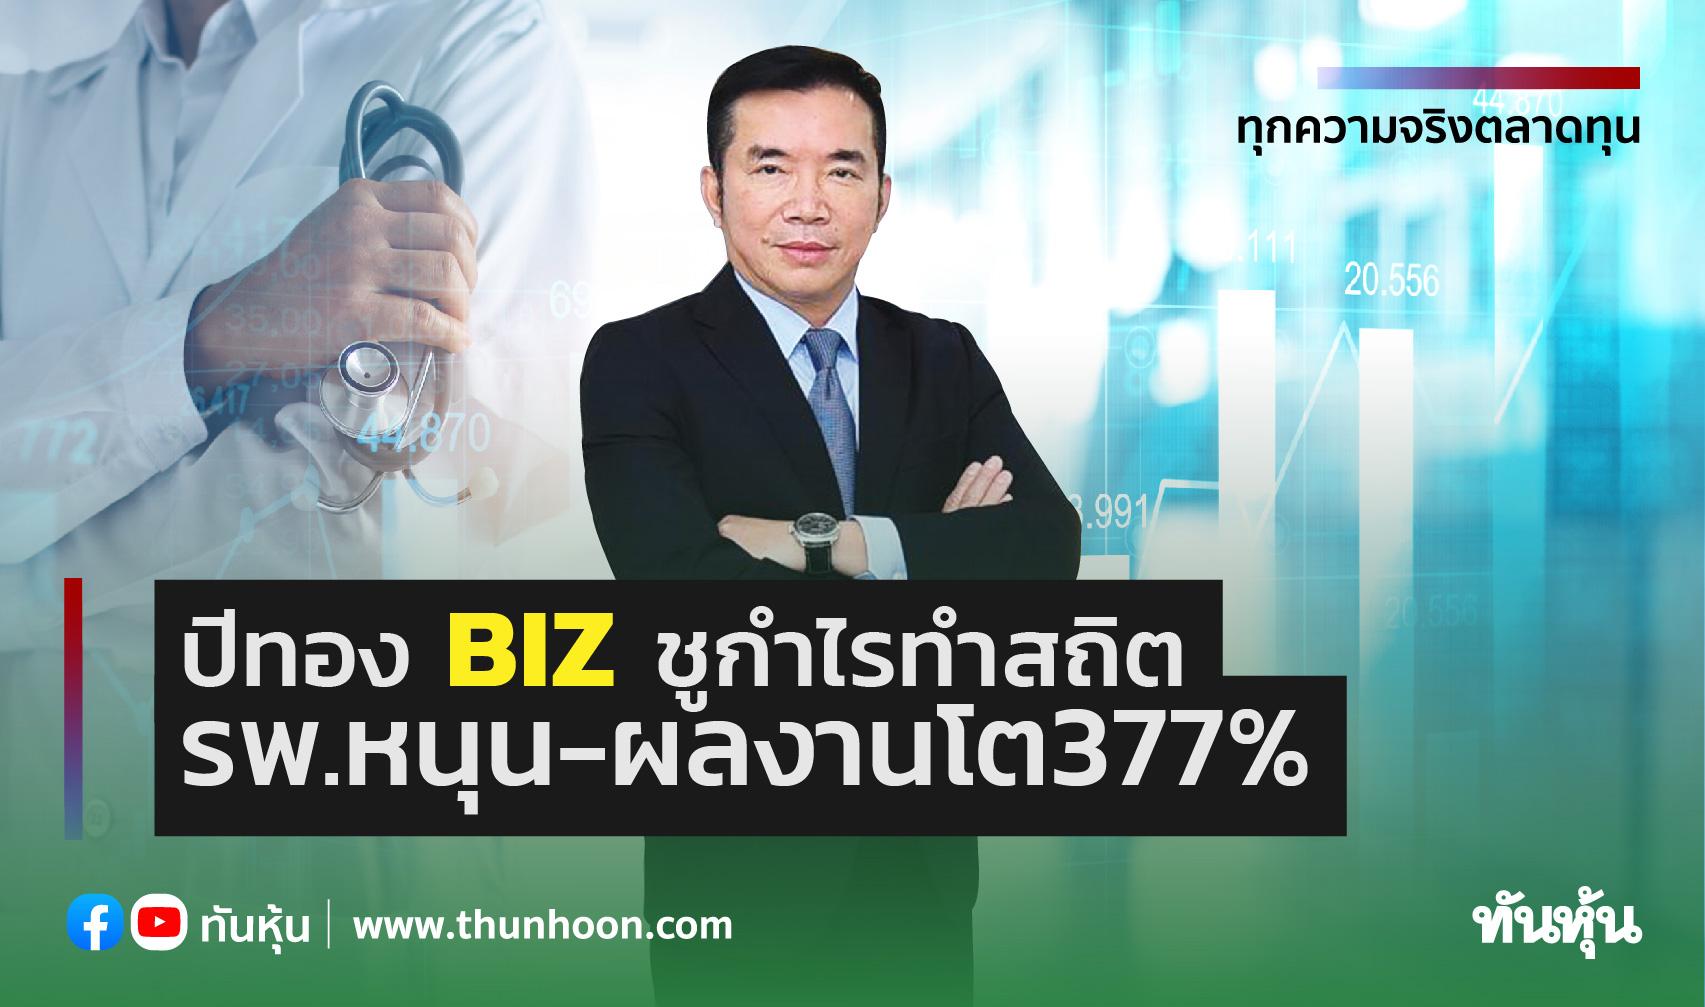 ปีทองBIZชูกำไรทำสถิติ รพ.หนุน-ผลงานโต377%